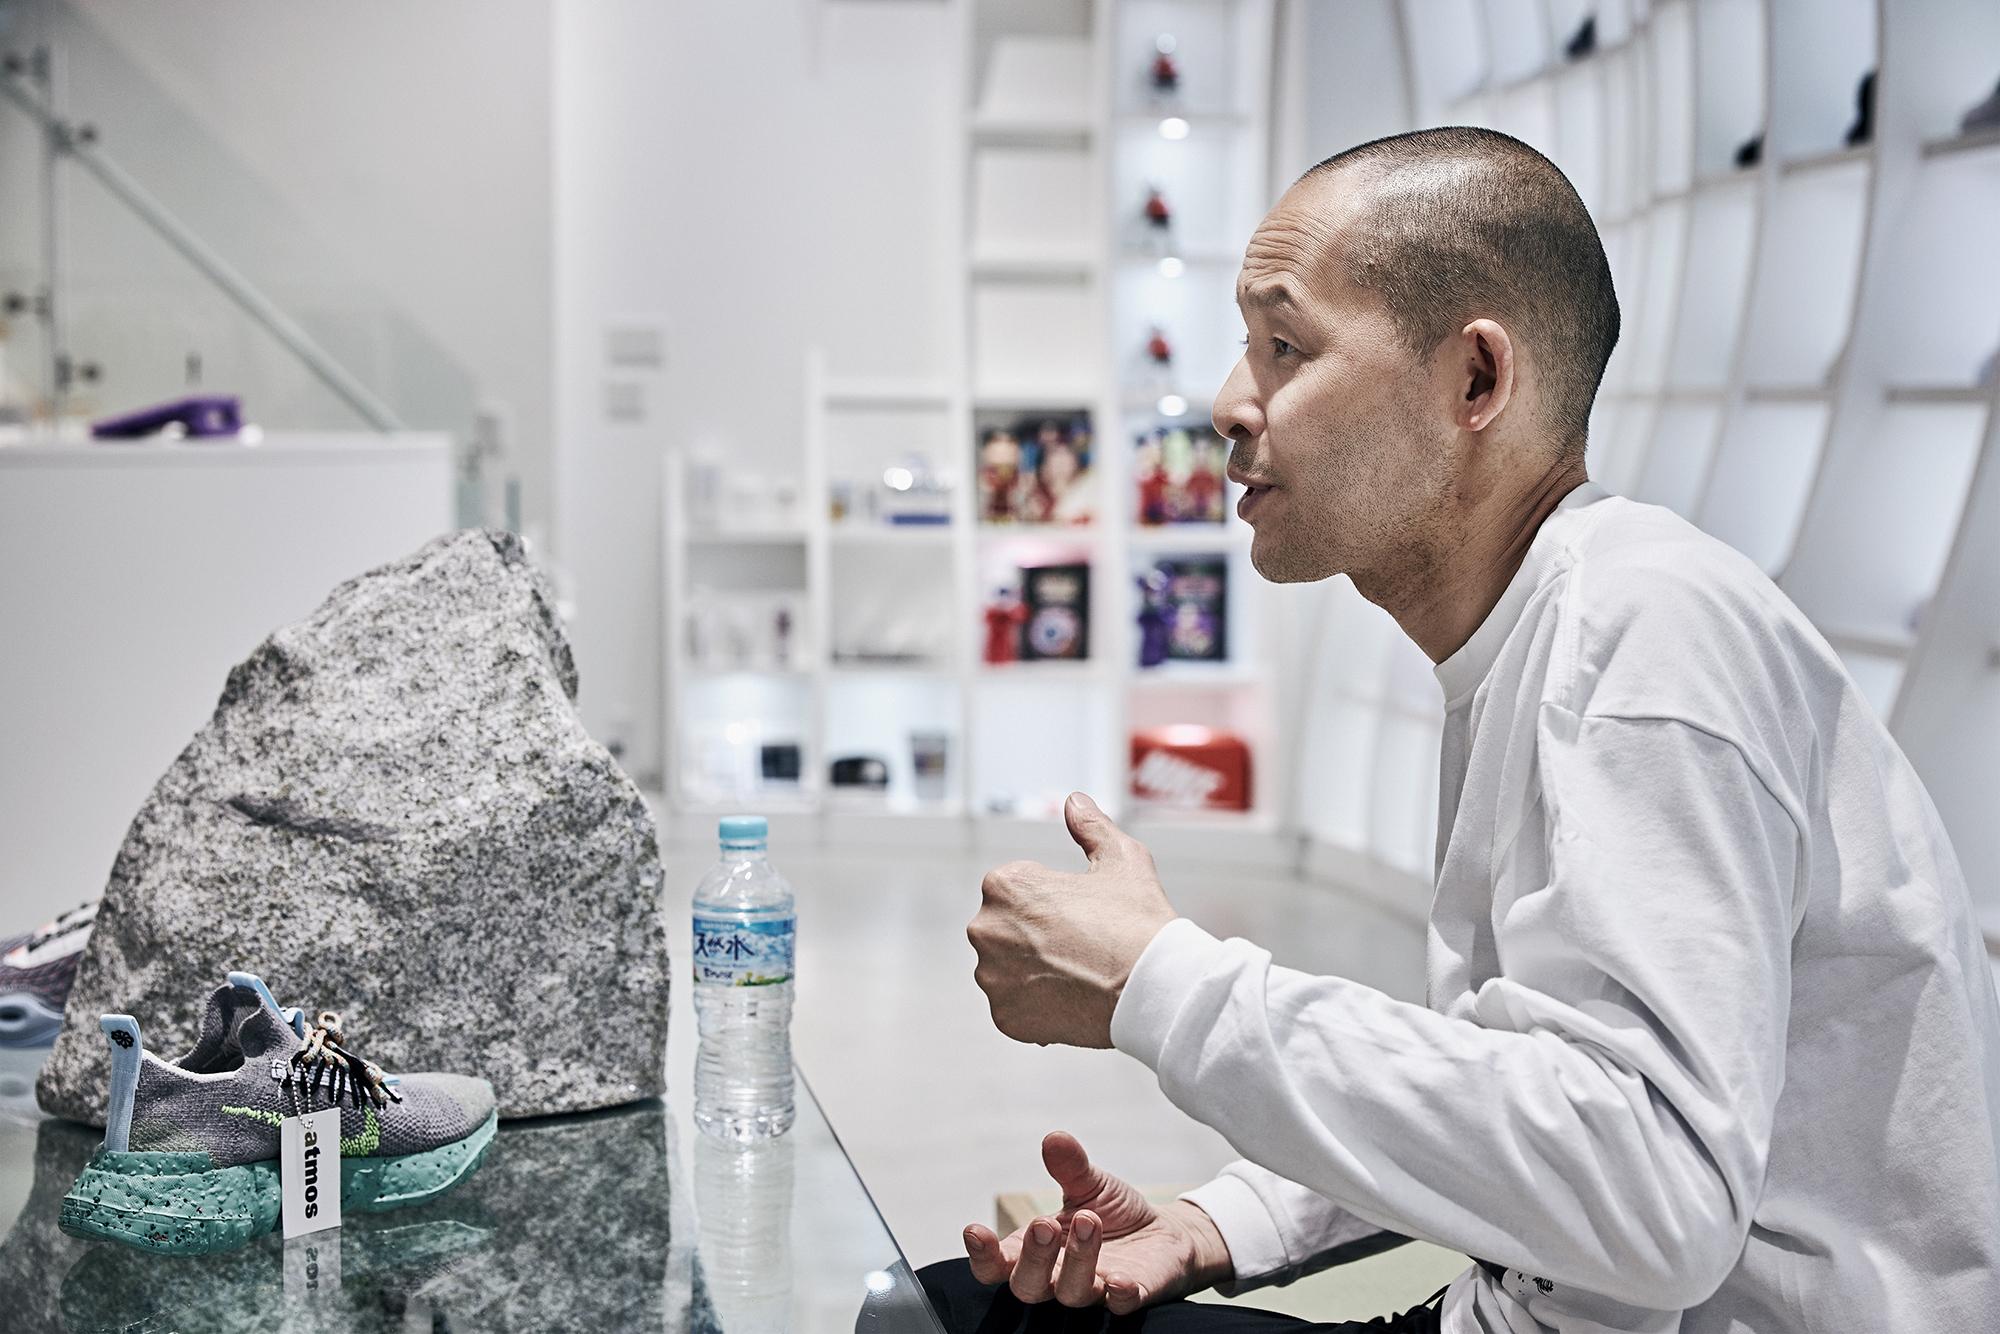 atmos 本明秀文のインタビュー写真3